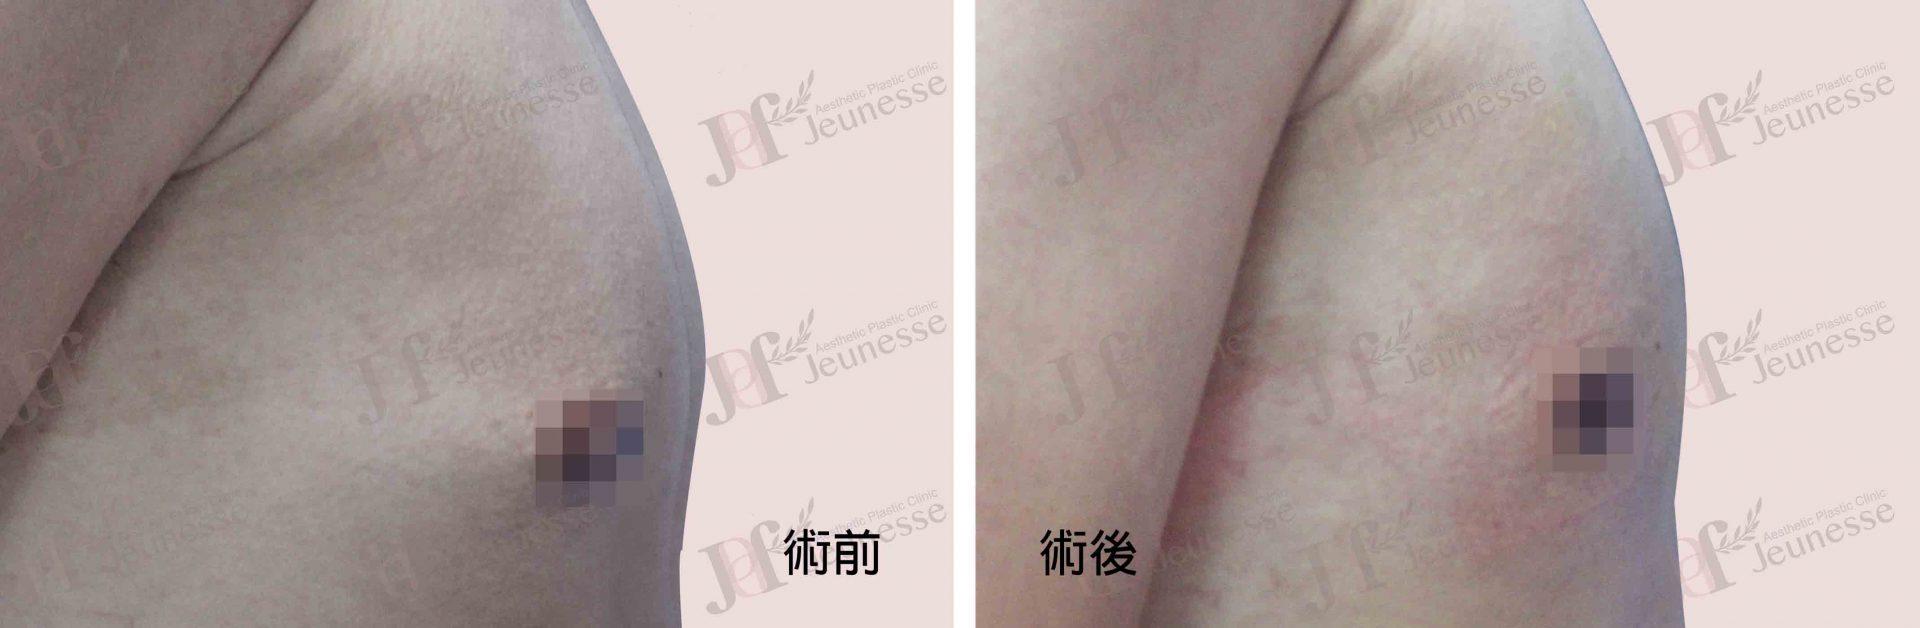 女乳症case2 側面-浮水印